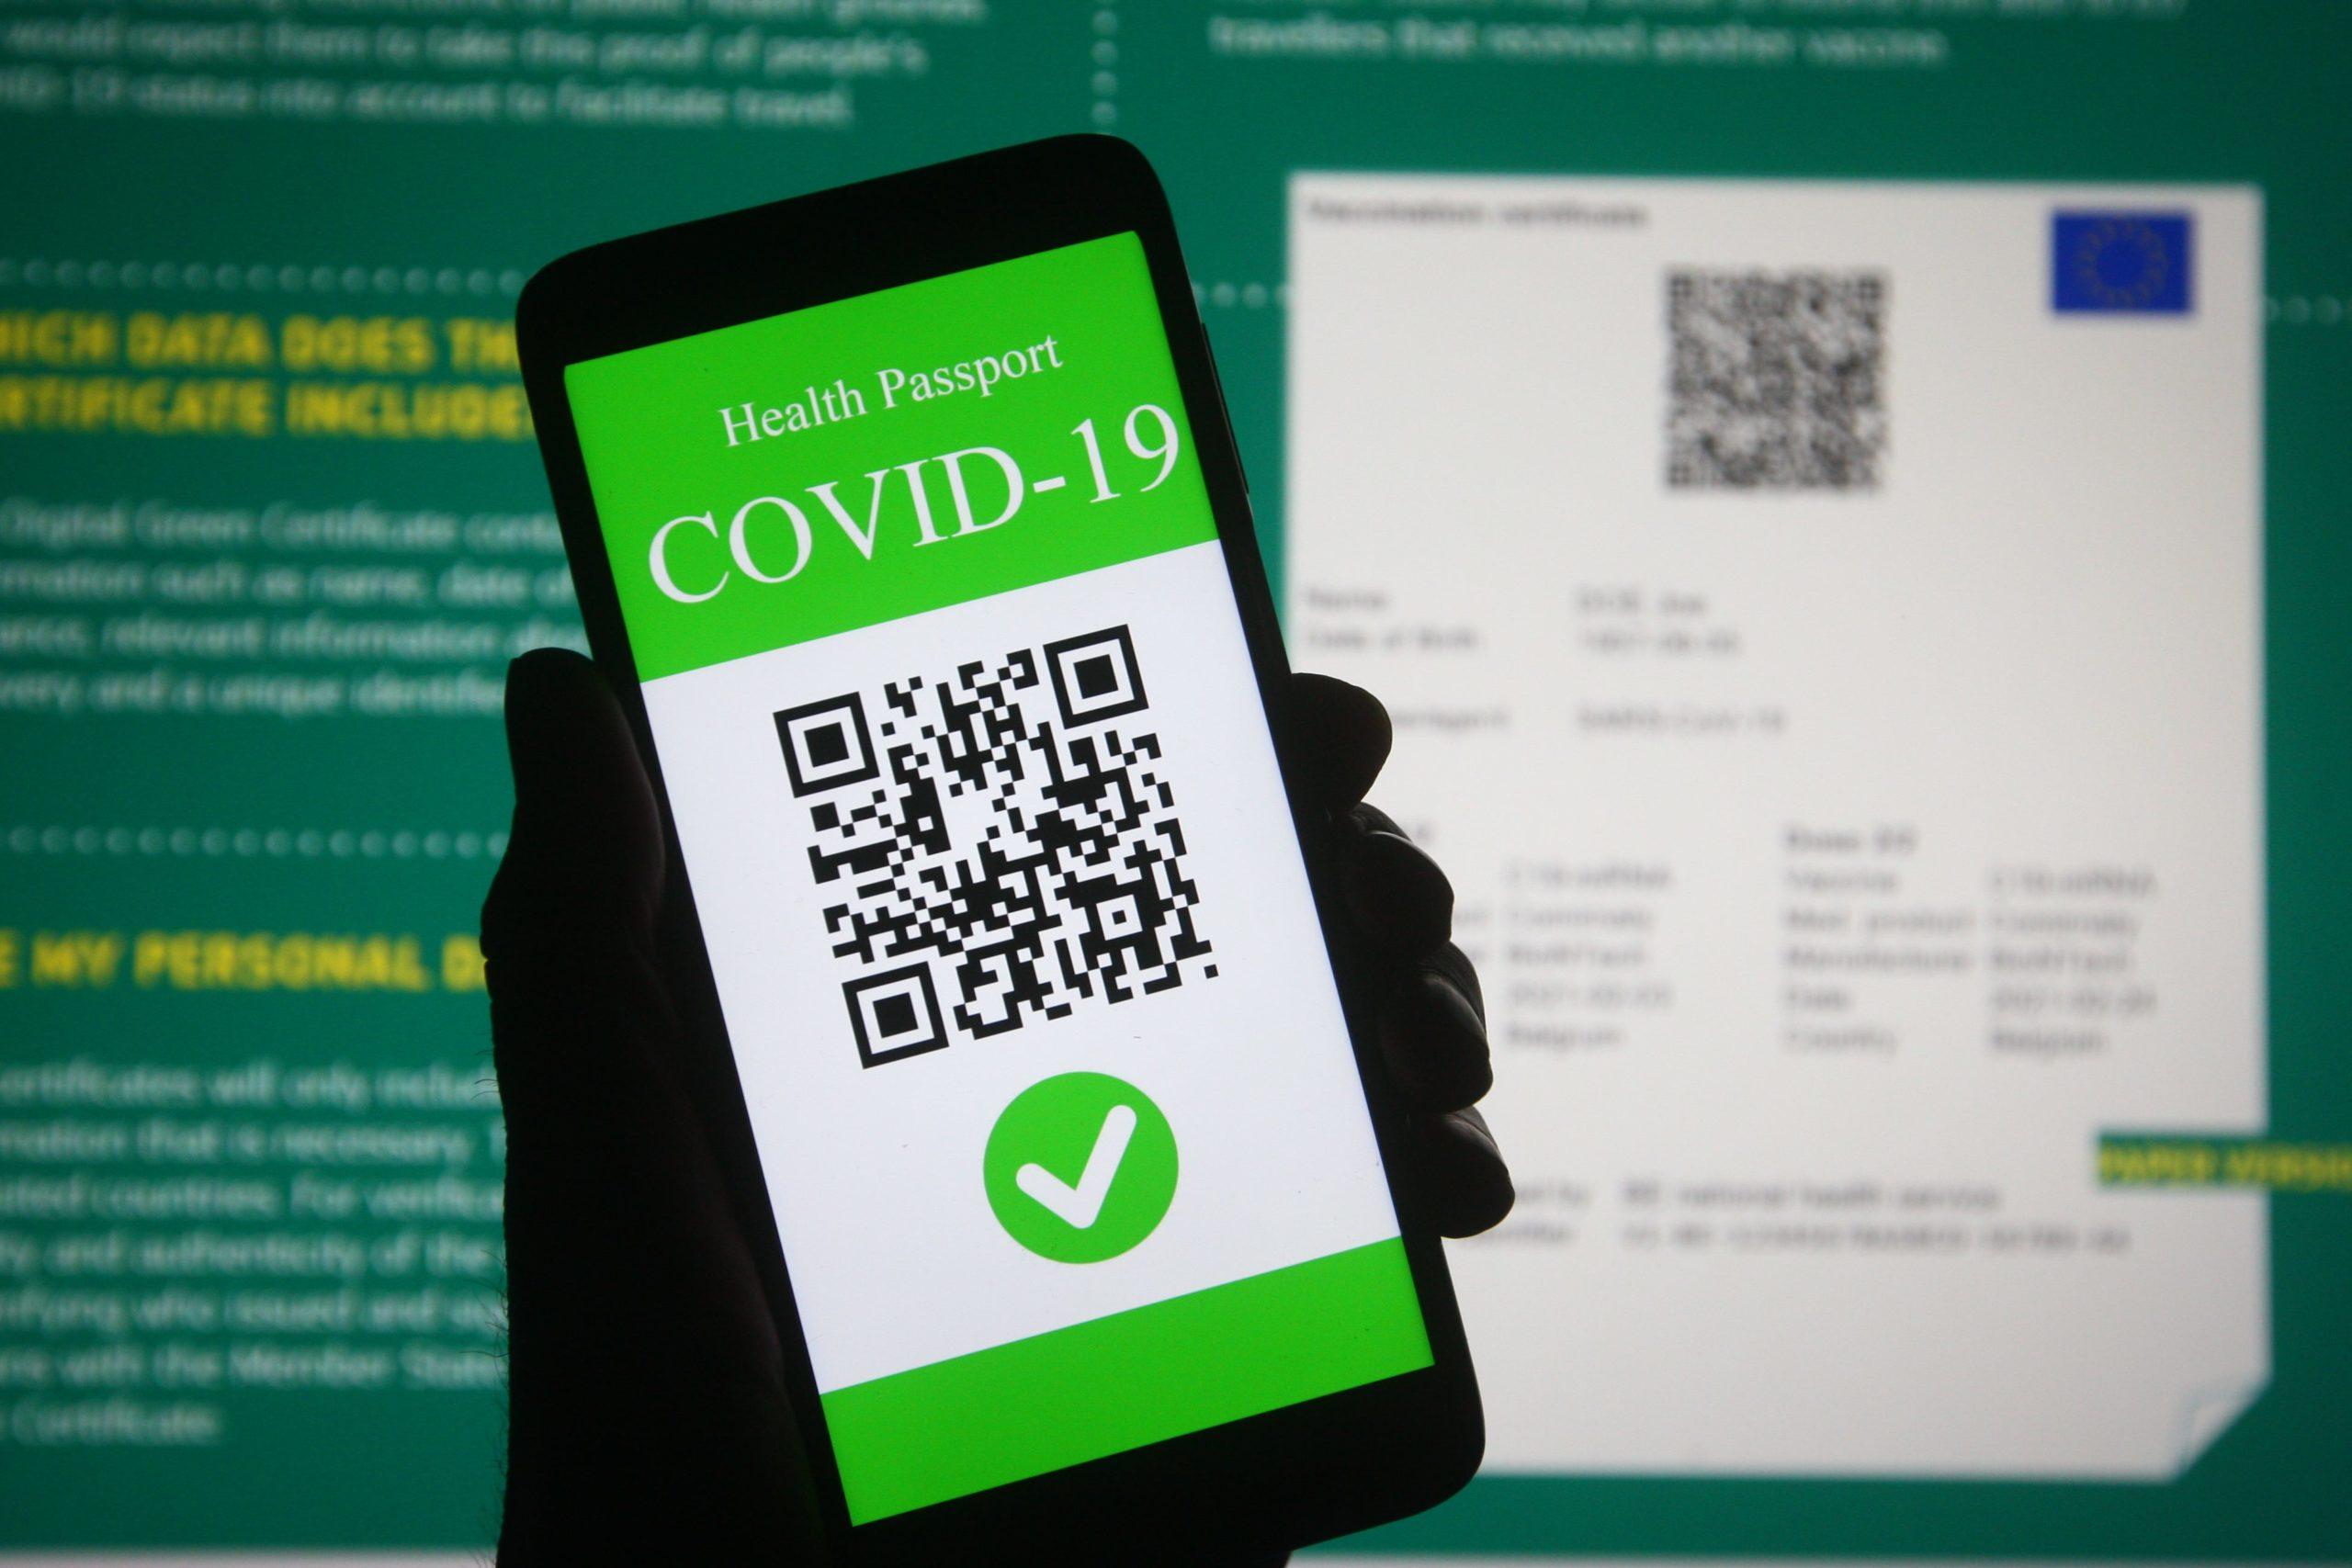 وزیر بهداشت کبک : ممانعت بزرگسالان جوان از دریافت گذرنامه واکسن کووید-19 اهمیت دارد